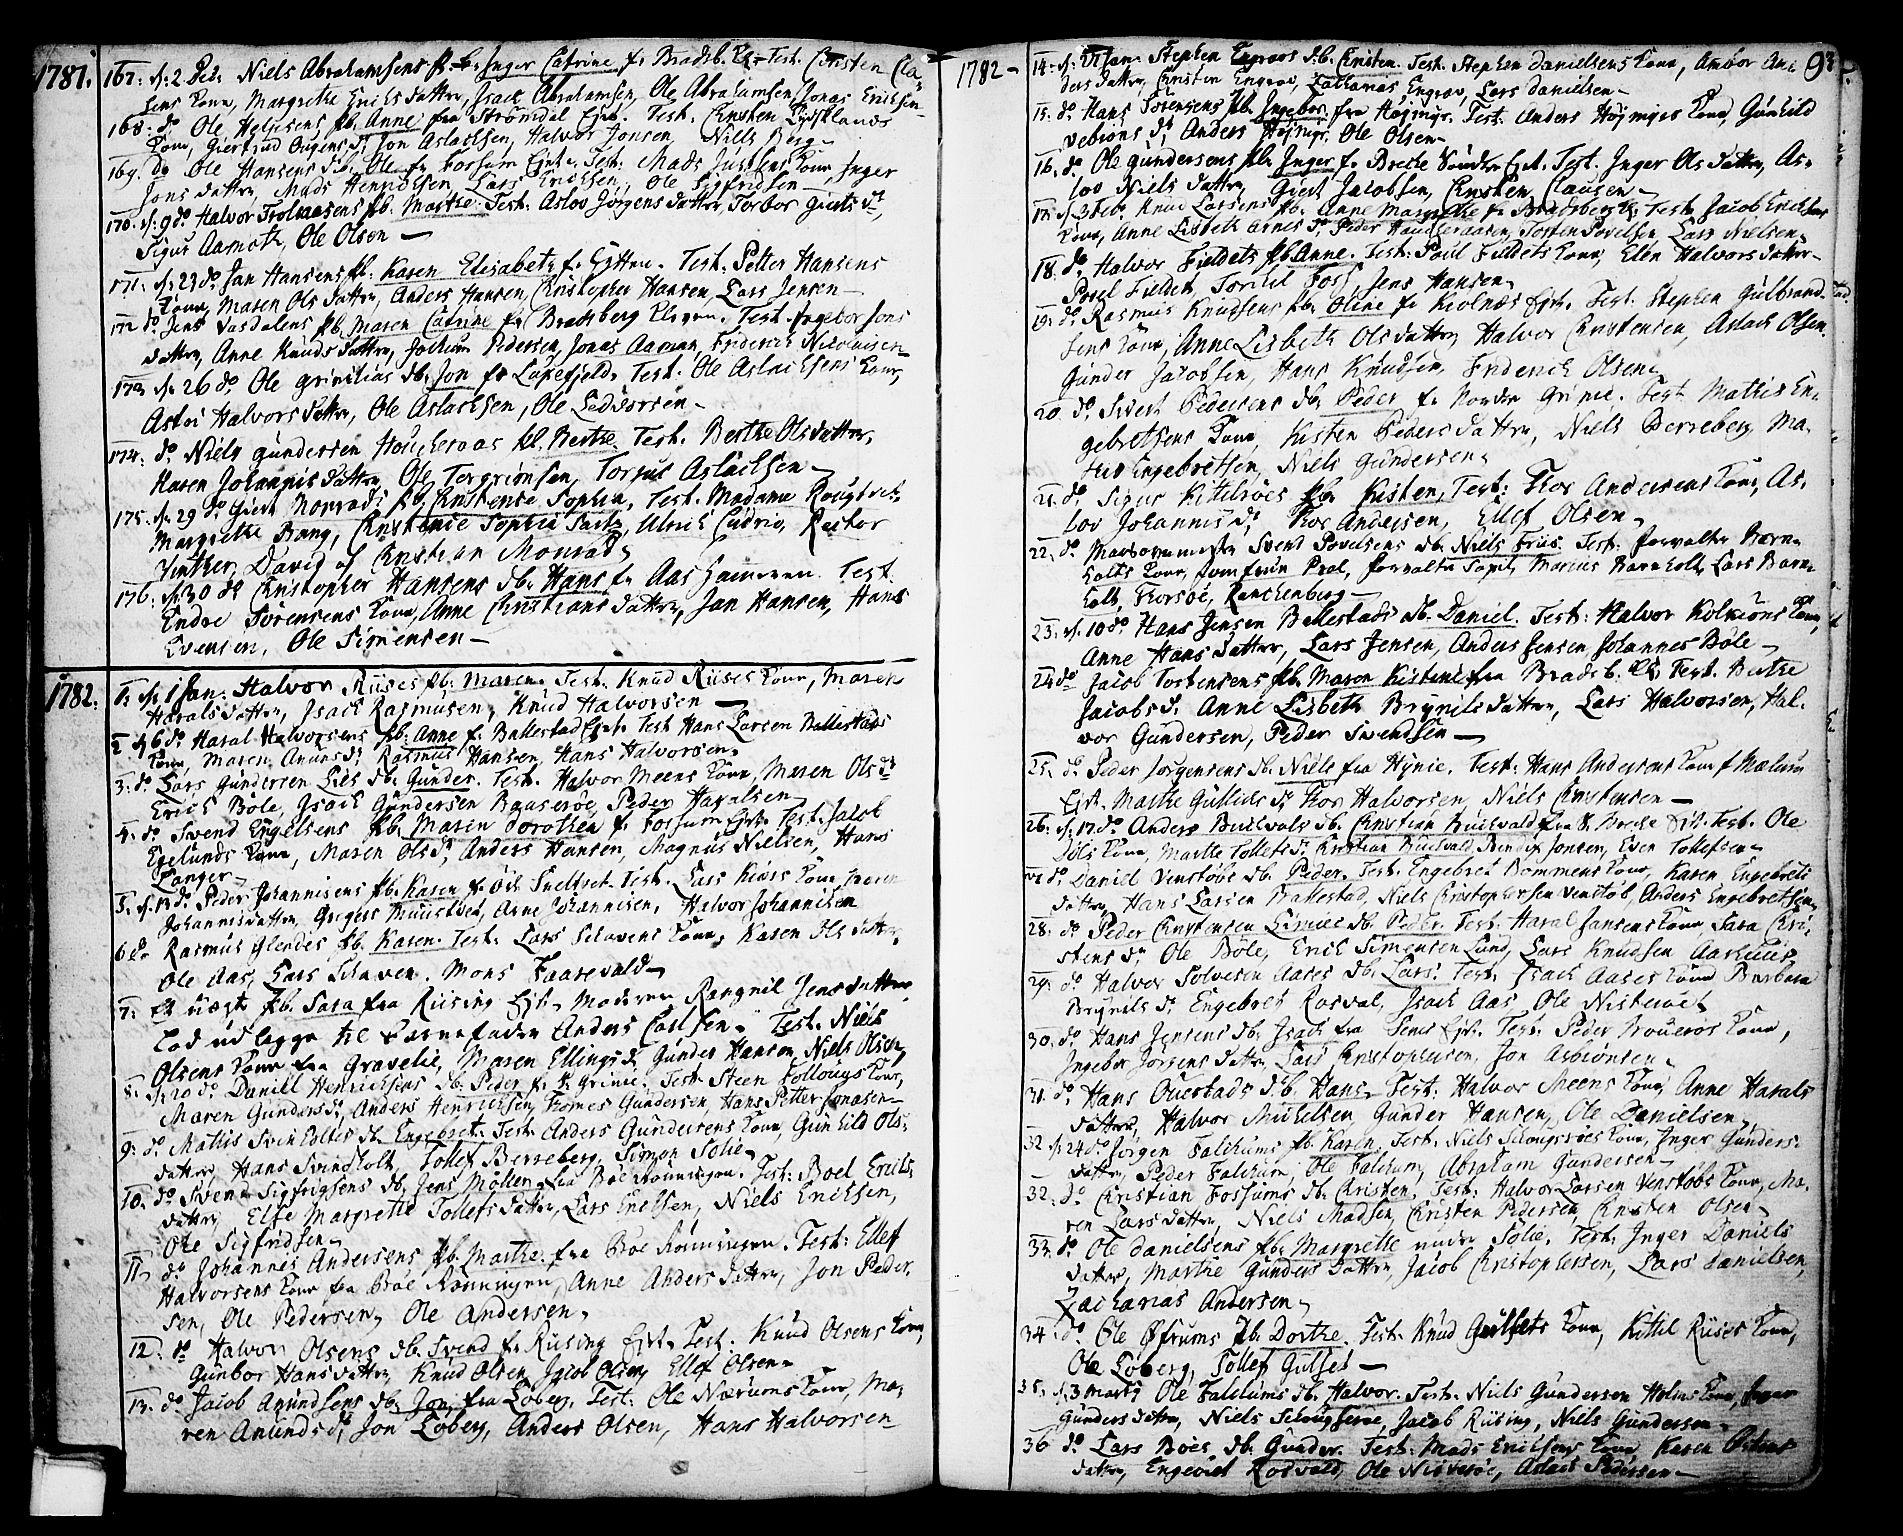 SAKO, Gjerpen kirkebøker, F/Fa/L0002: Ministerialbok nr. 2, 1747-1795, s. 93